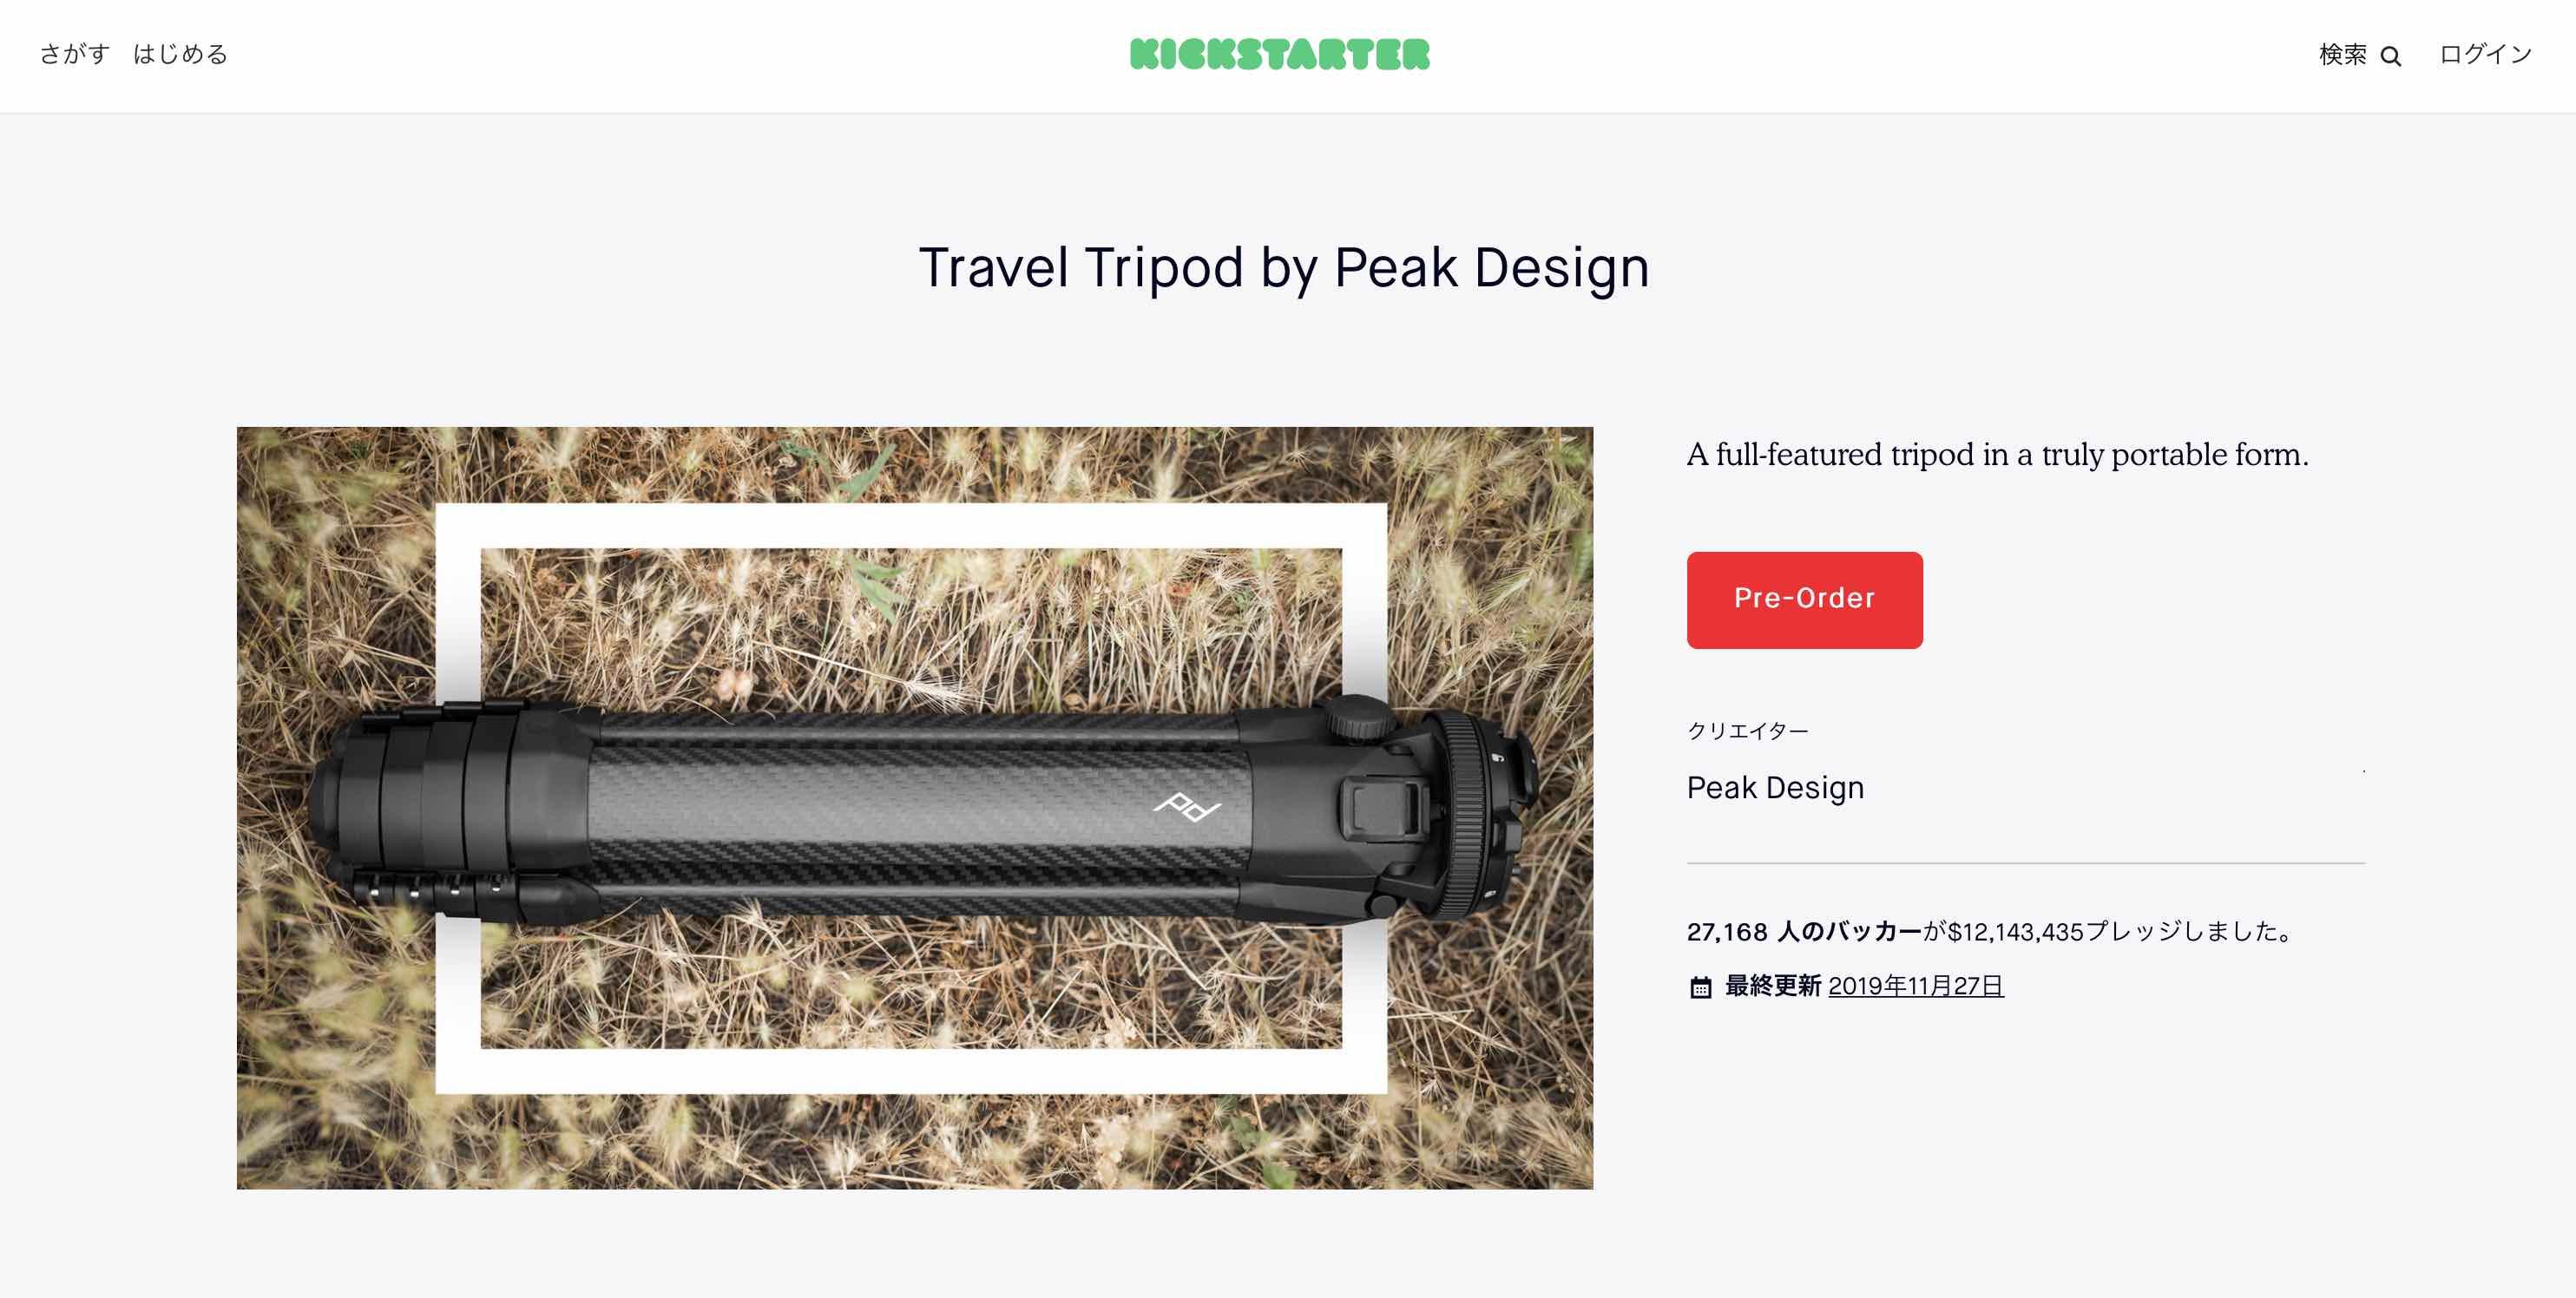 キックスターターピークデザイン, Peak DesignのTravel Tripot